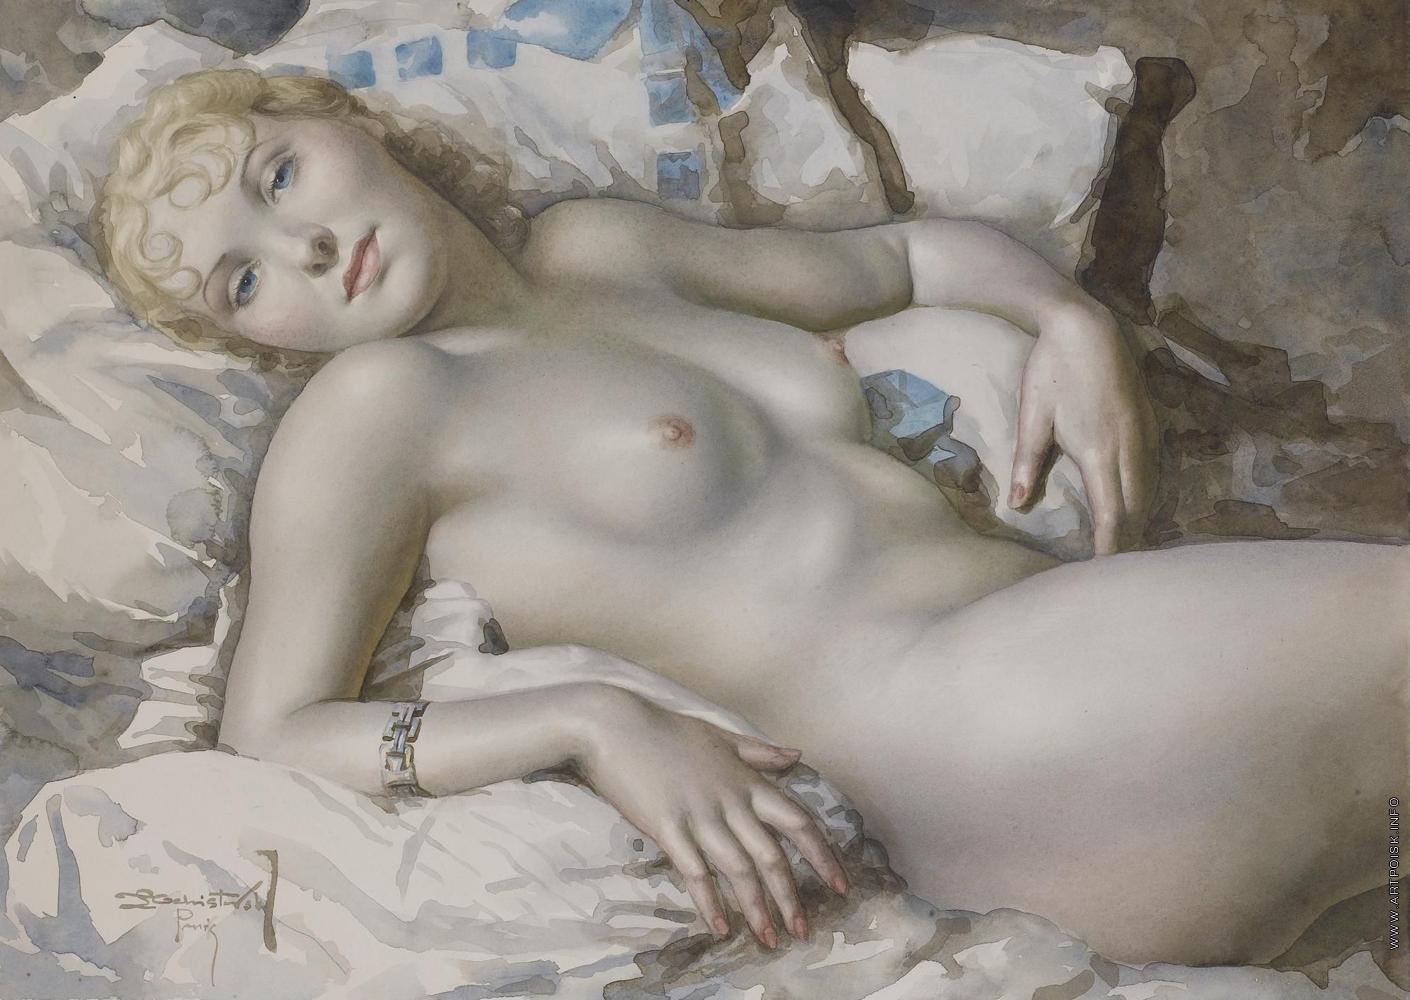 Ретро рисунки голых женщин, Старые, классические, ретро эротические фотографии 6 фотография